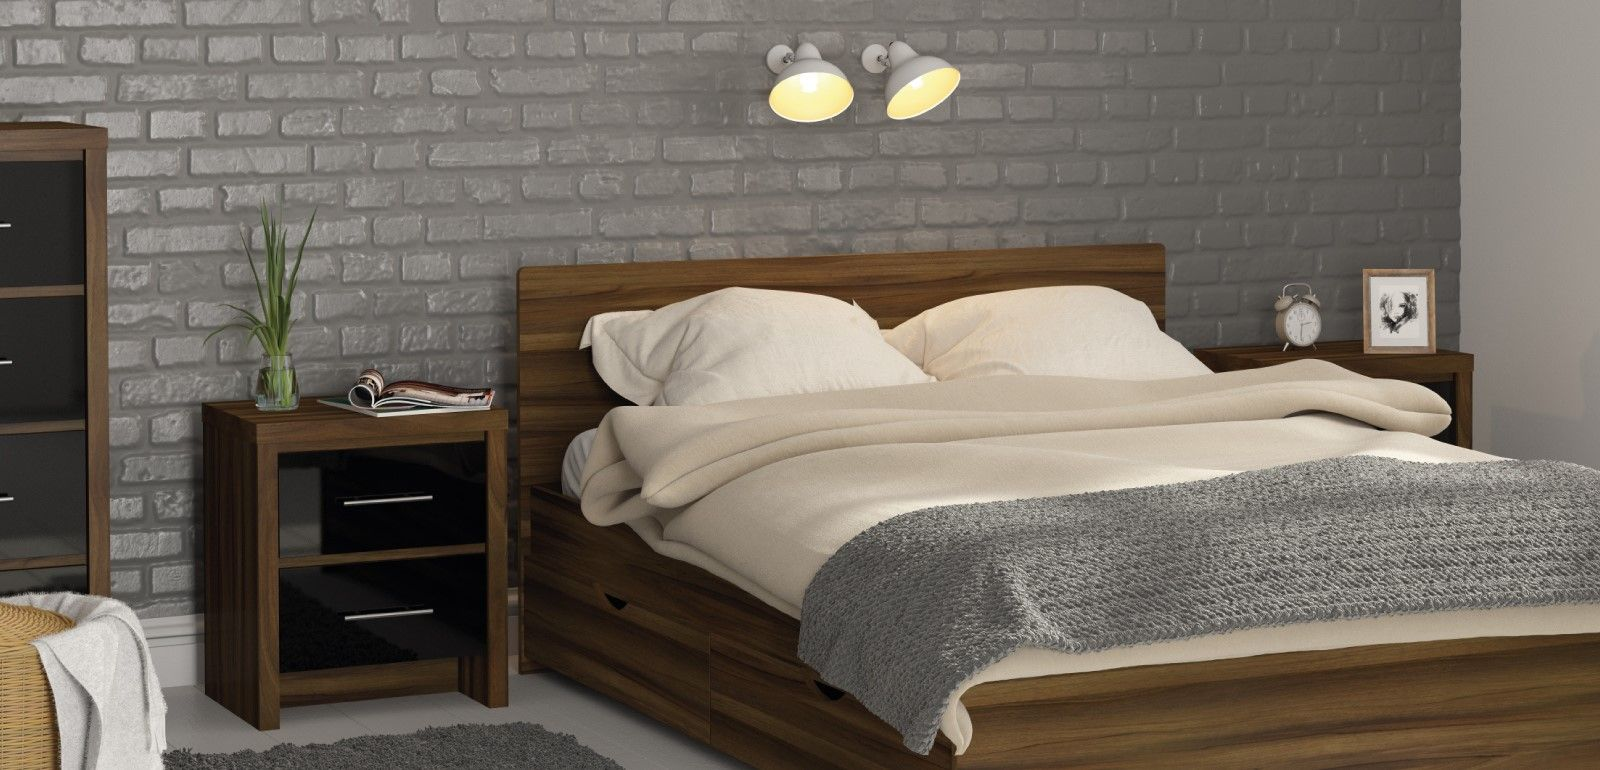 The nononsense masculine bedroom guide Home decor bedroom